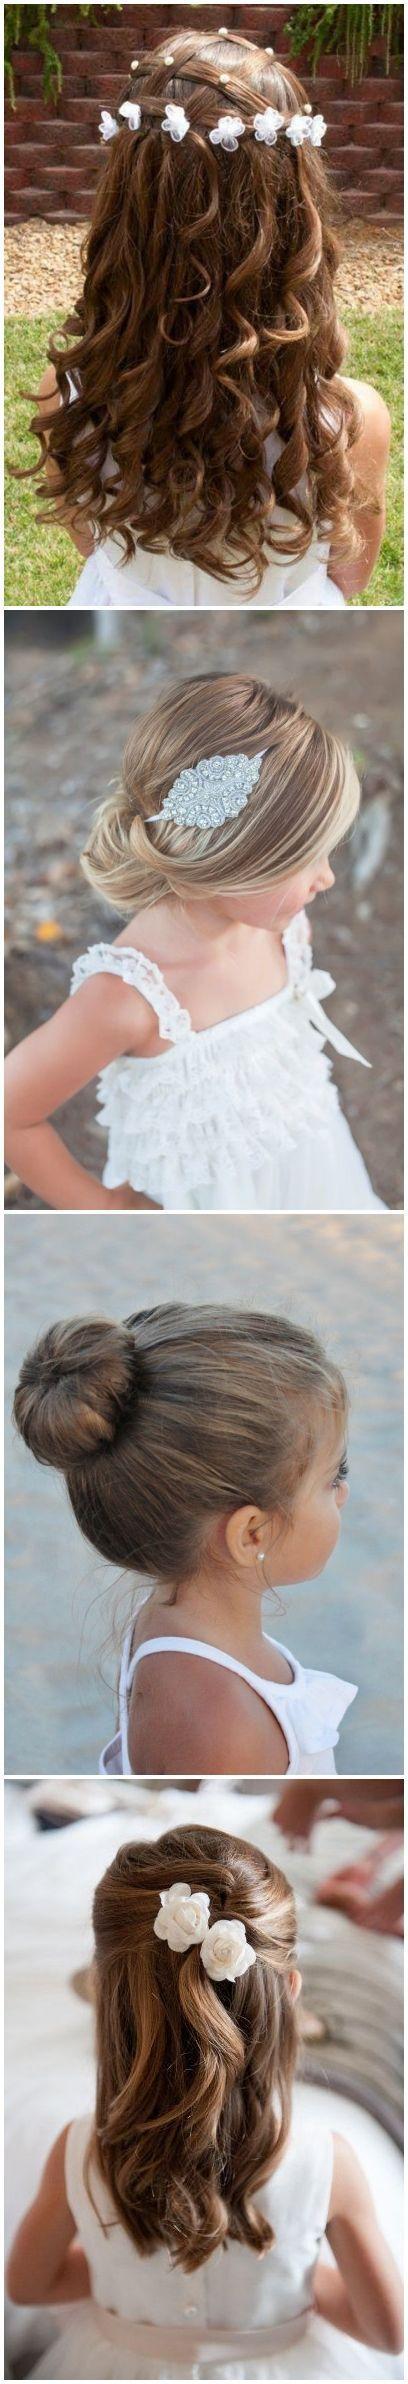 cute little girl hairstyles-updos, braids, waterfall / http://www.deerpearlflowers.com/super-cute-little-girl-hairstyles-for-wedding/ #braidedhairstylesforwedding #weddinghairstyles